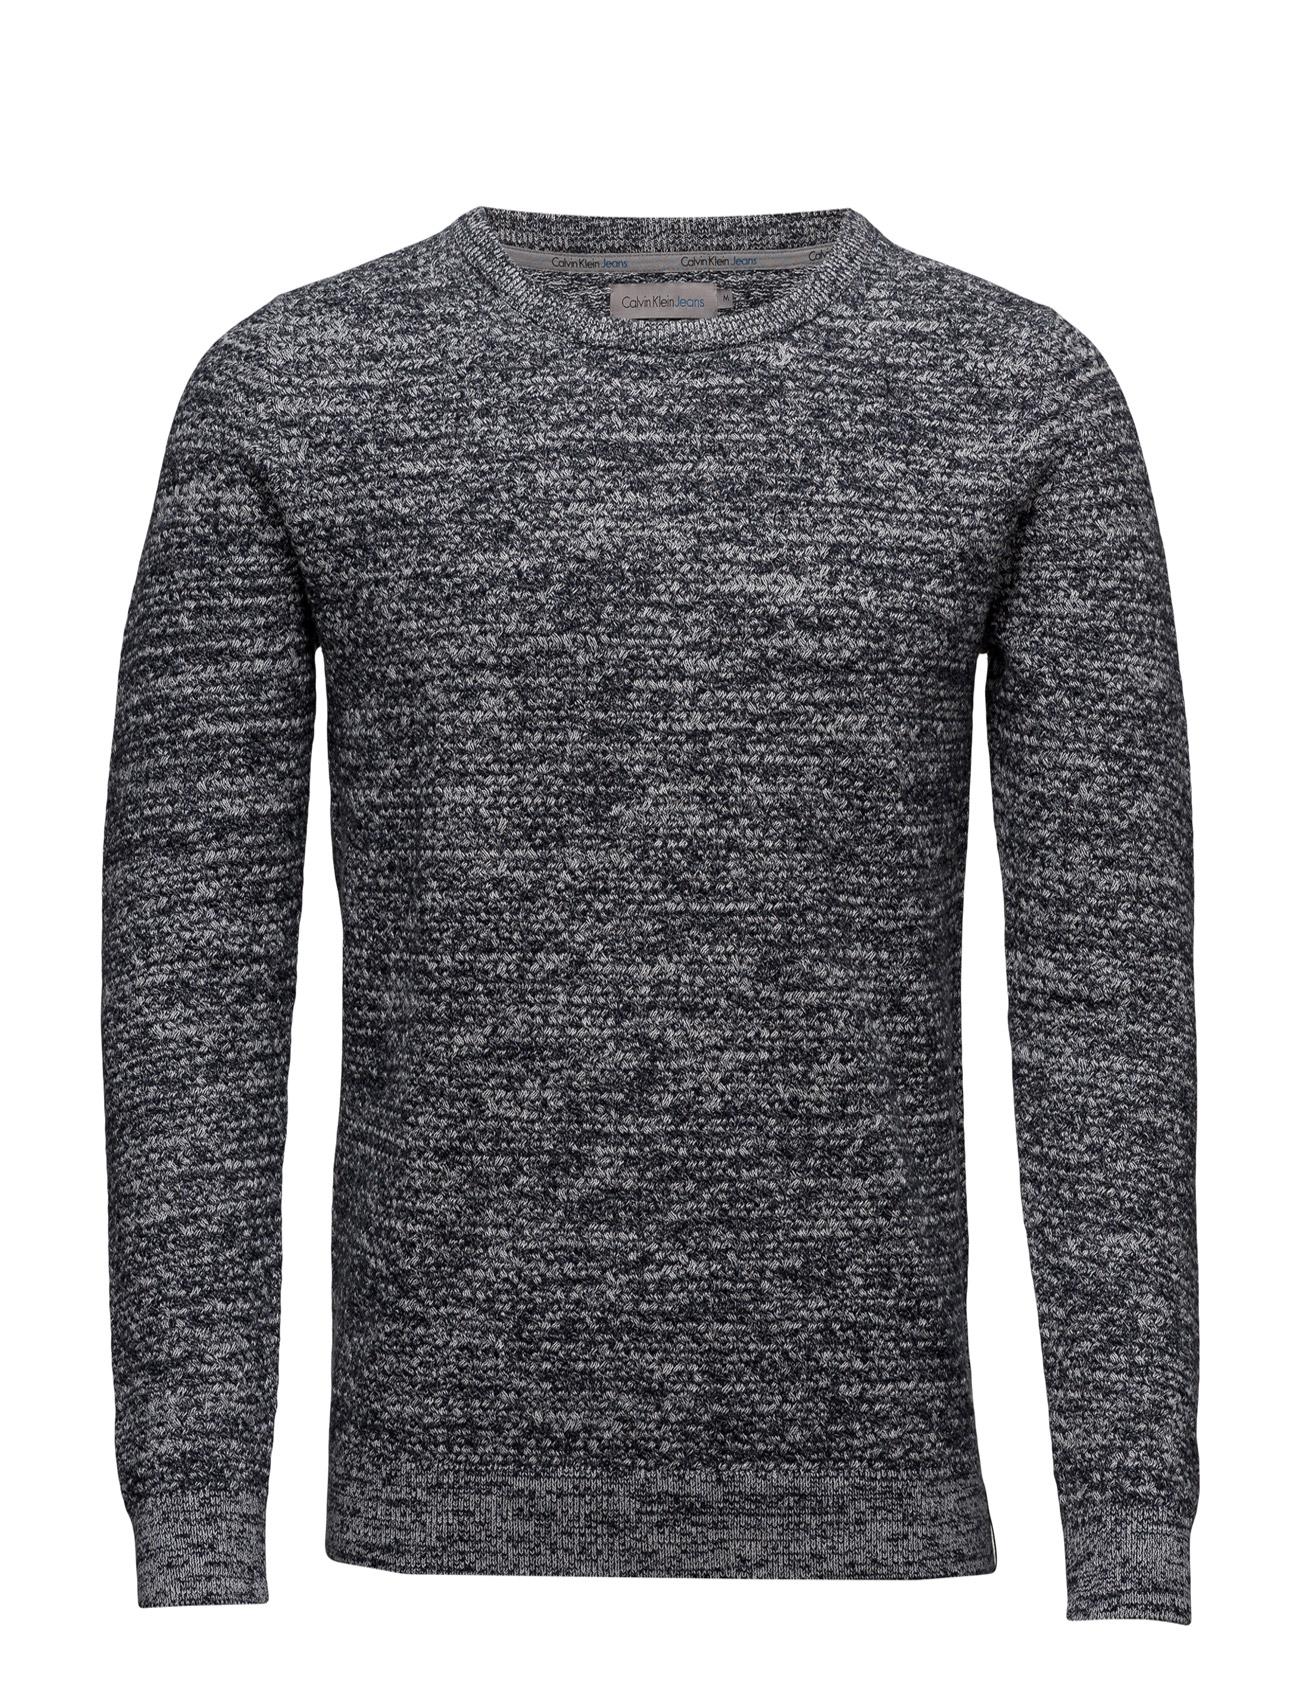 South Cn Sweater L/S Calvin Klein Jeans Rundhalsede til Herrer i ck Black